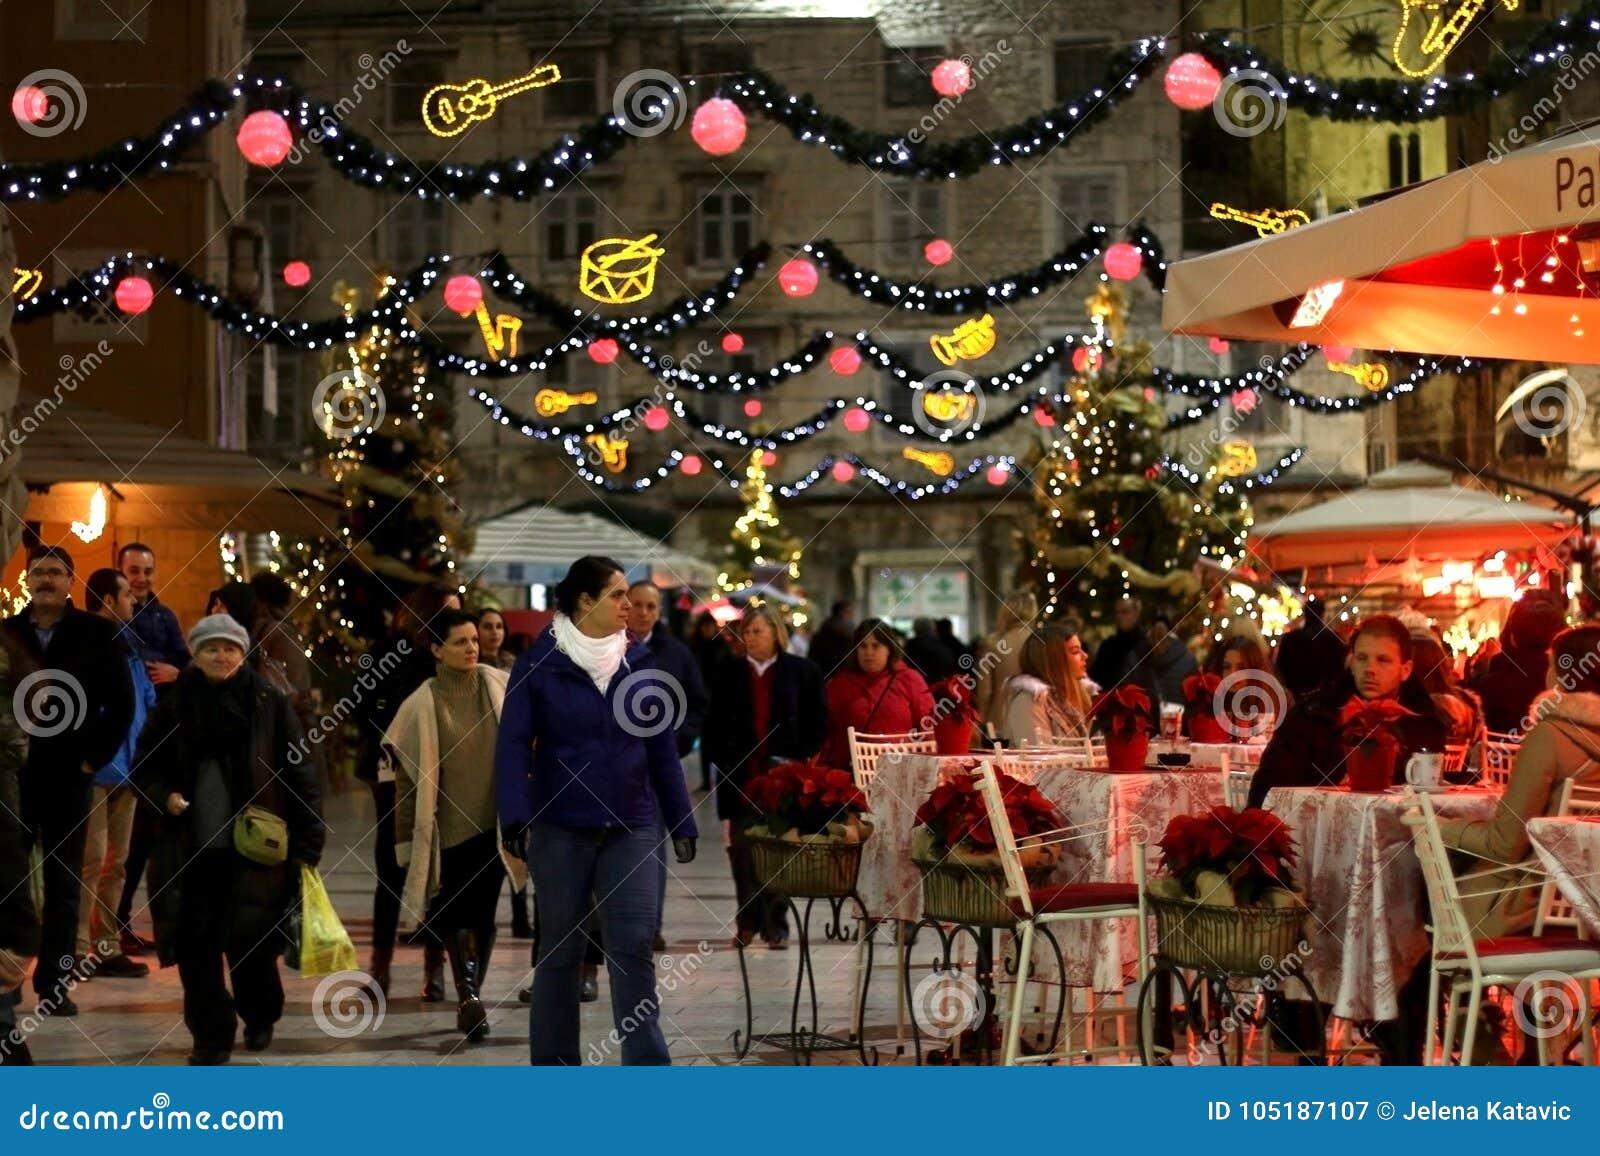 Weihnachten In Kroatien.Weihnachten In Der Spalte Kroatien Redaktionelles Stockfotografie